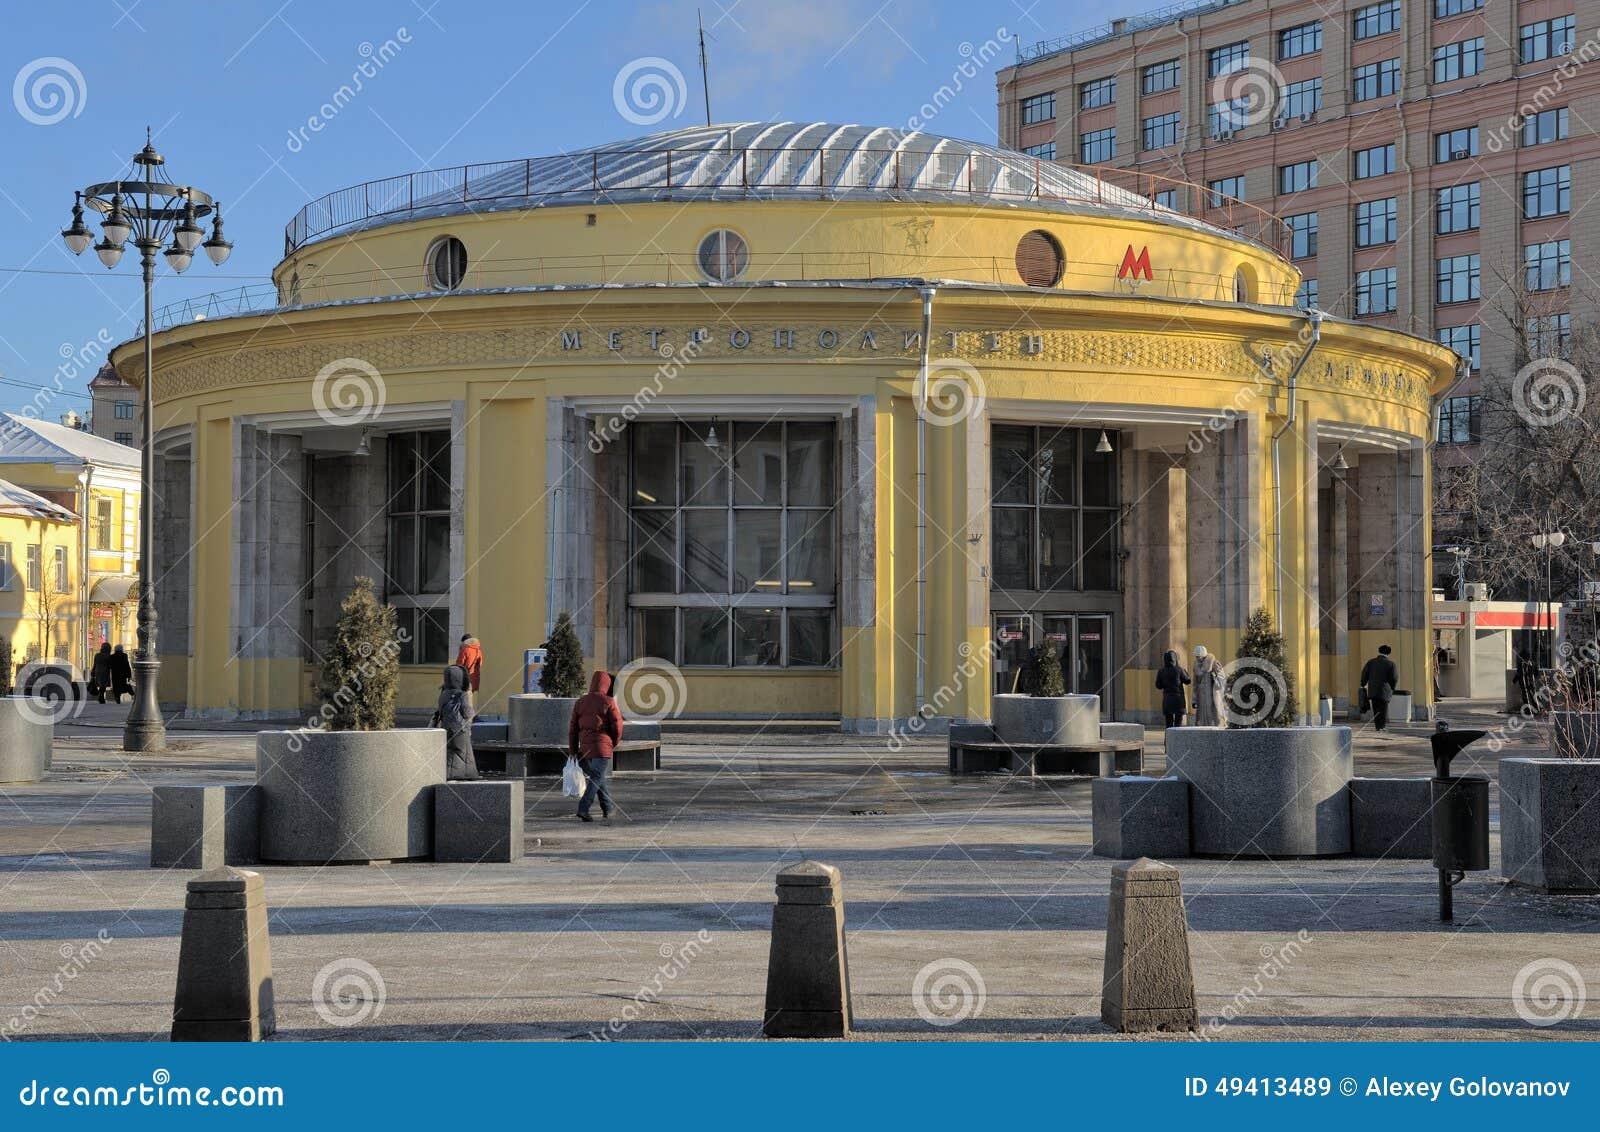 Download Der Eingang Zur Metrostation Redaktionelles Stockbild - Bild von lenin, struktur: 49413489